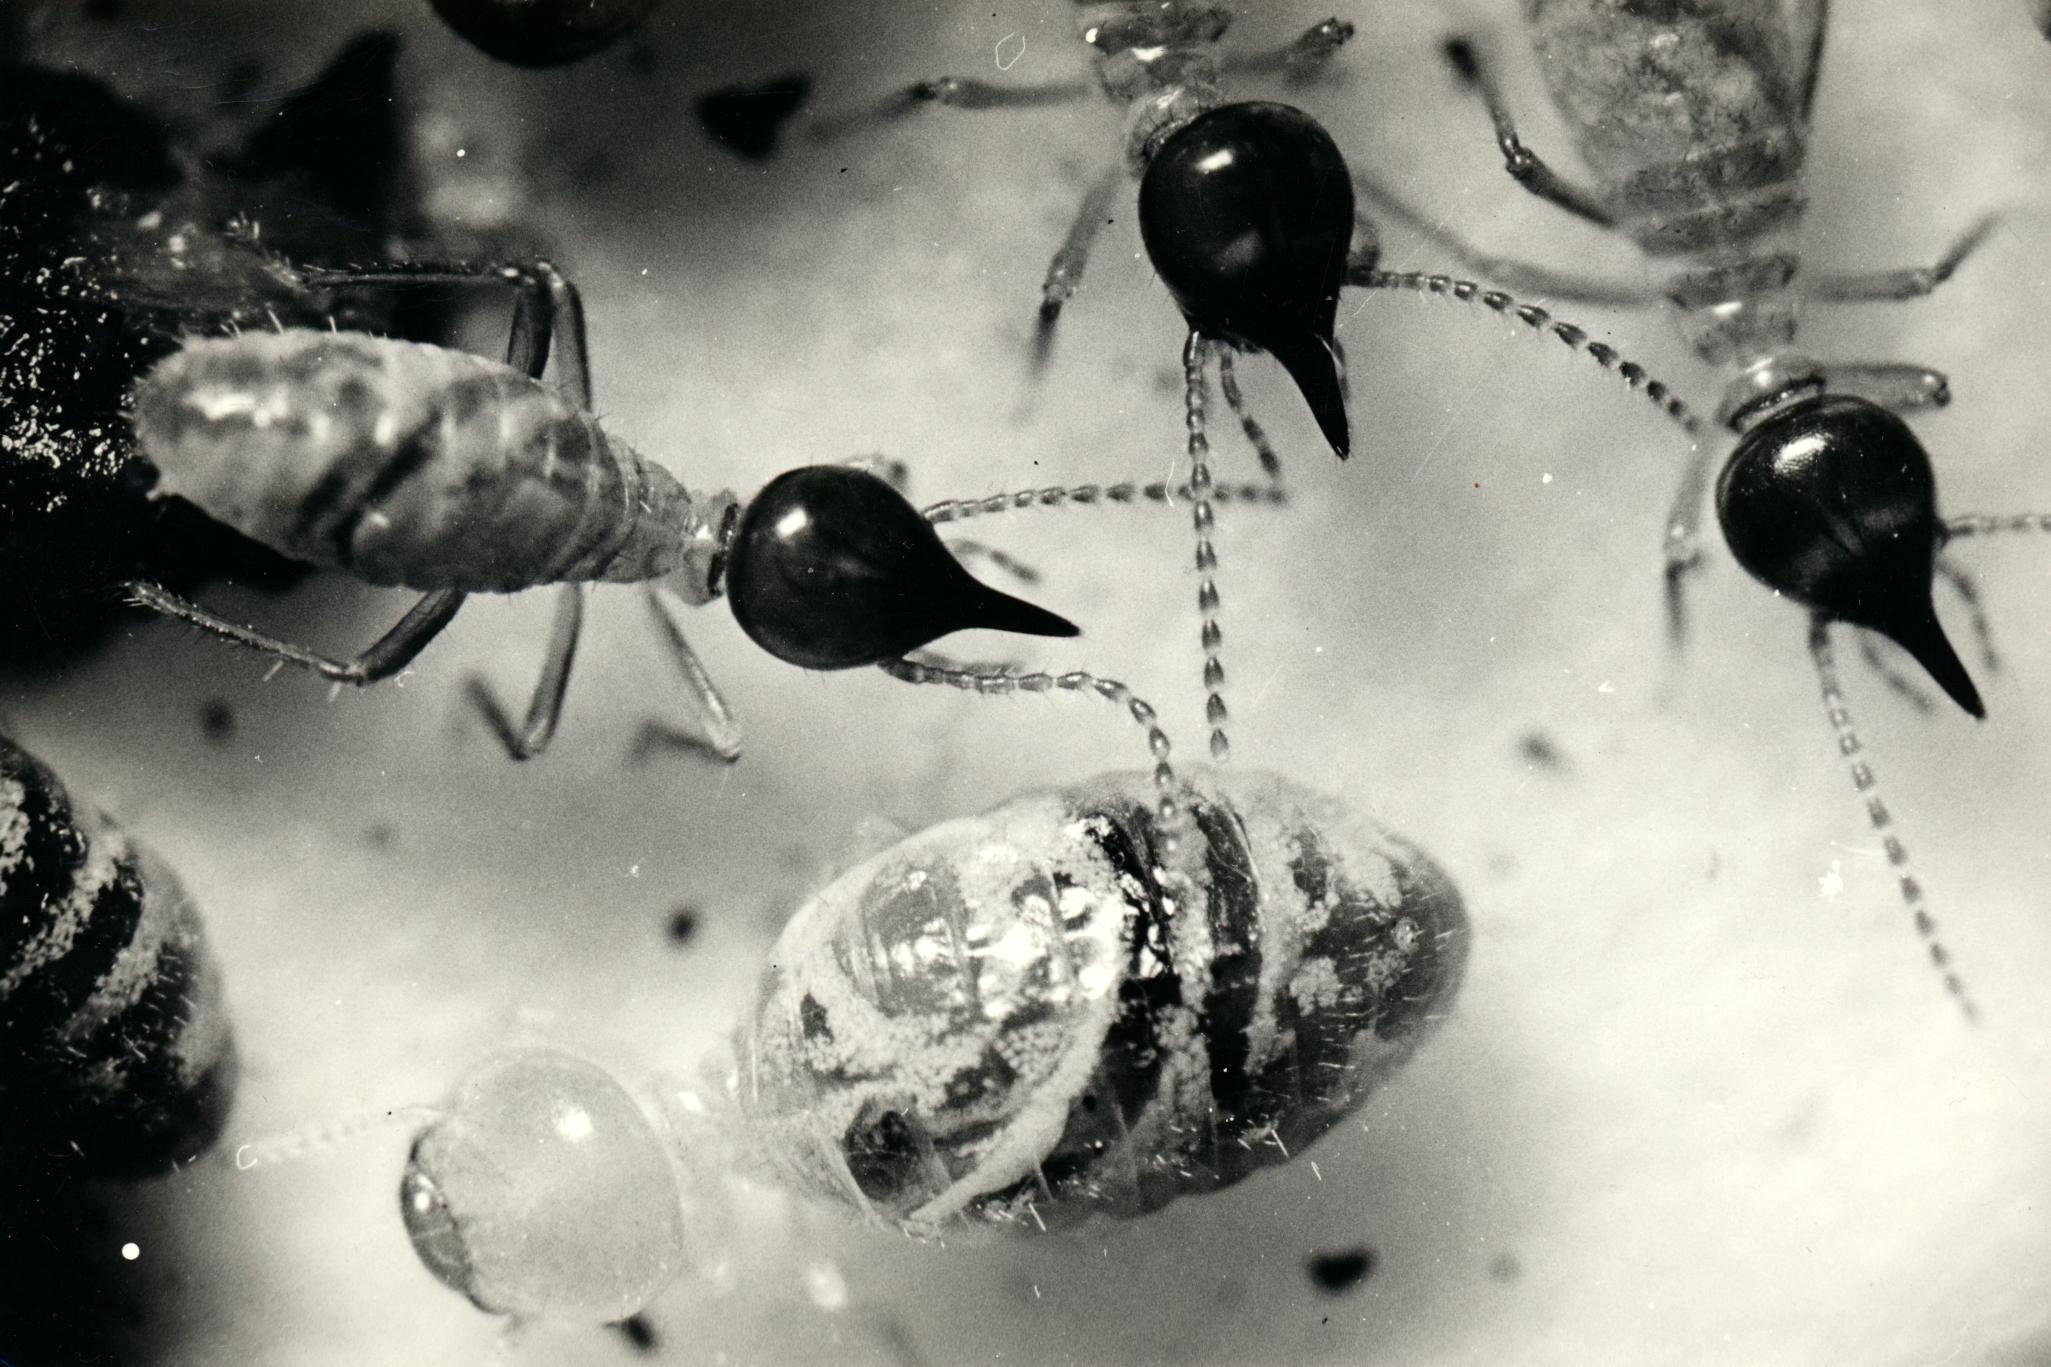 Objevený druh termita